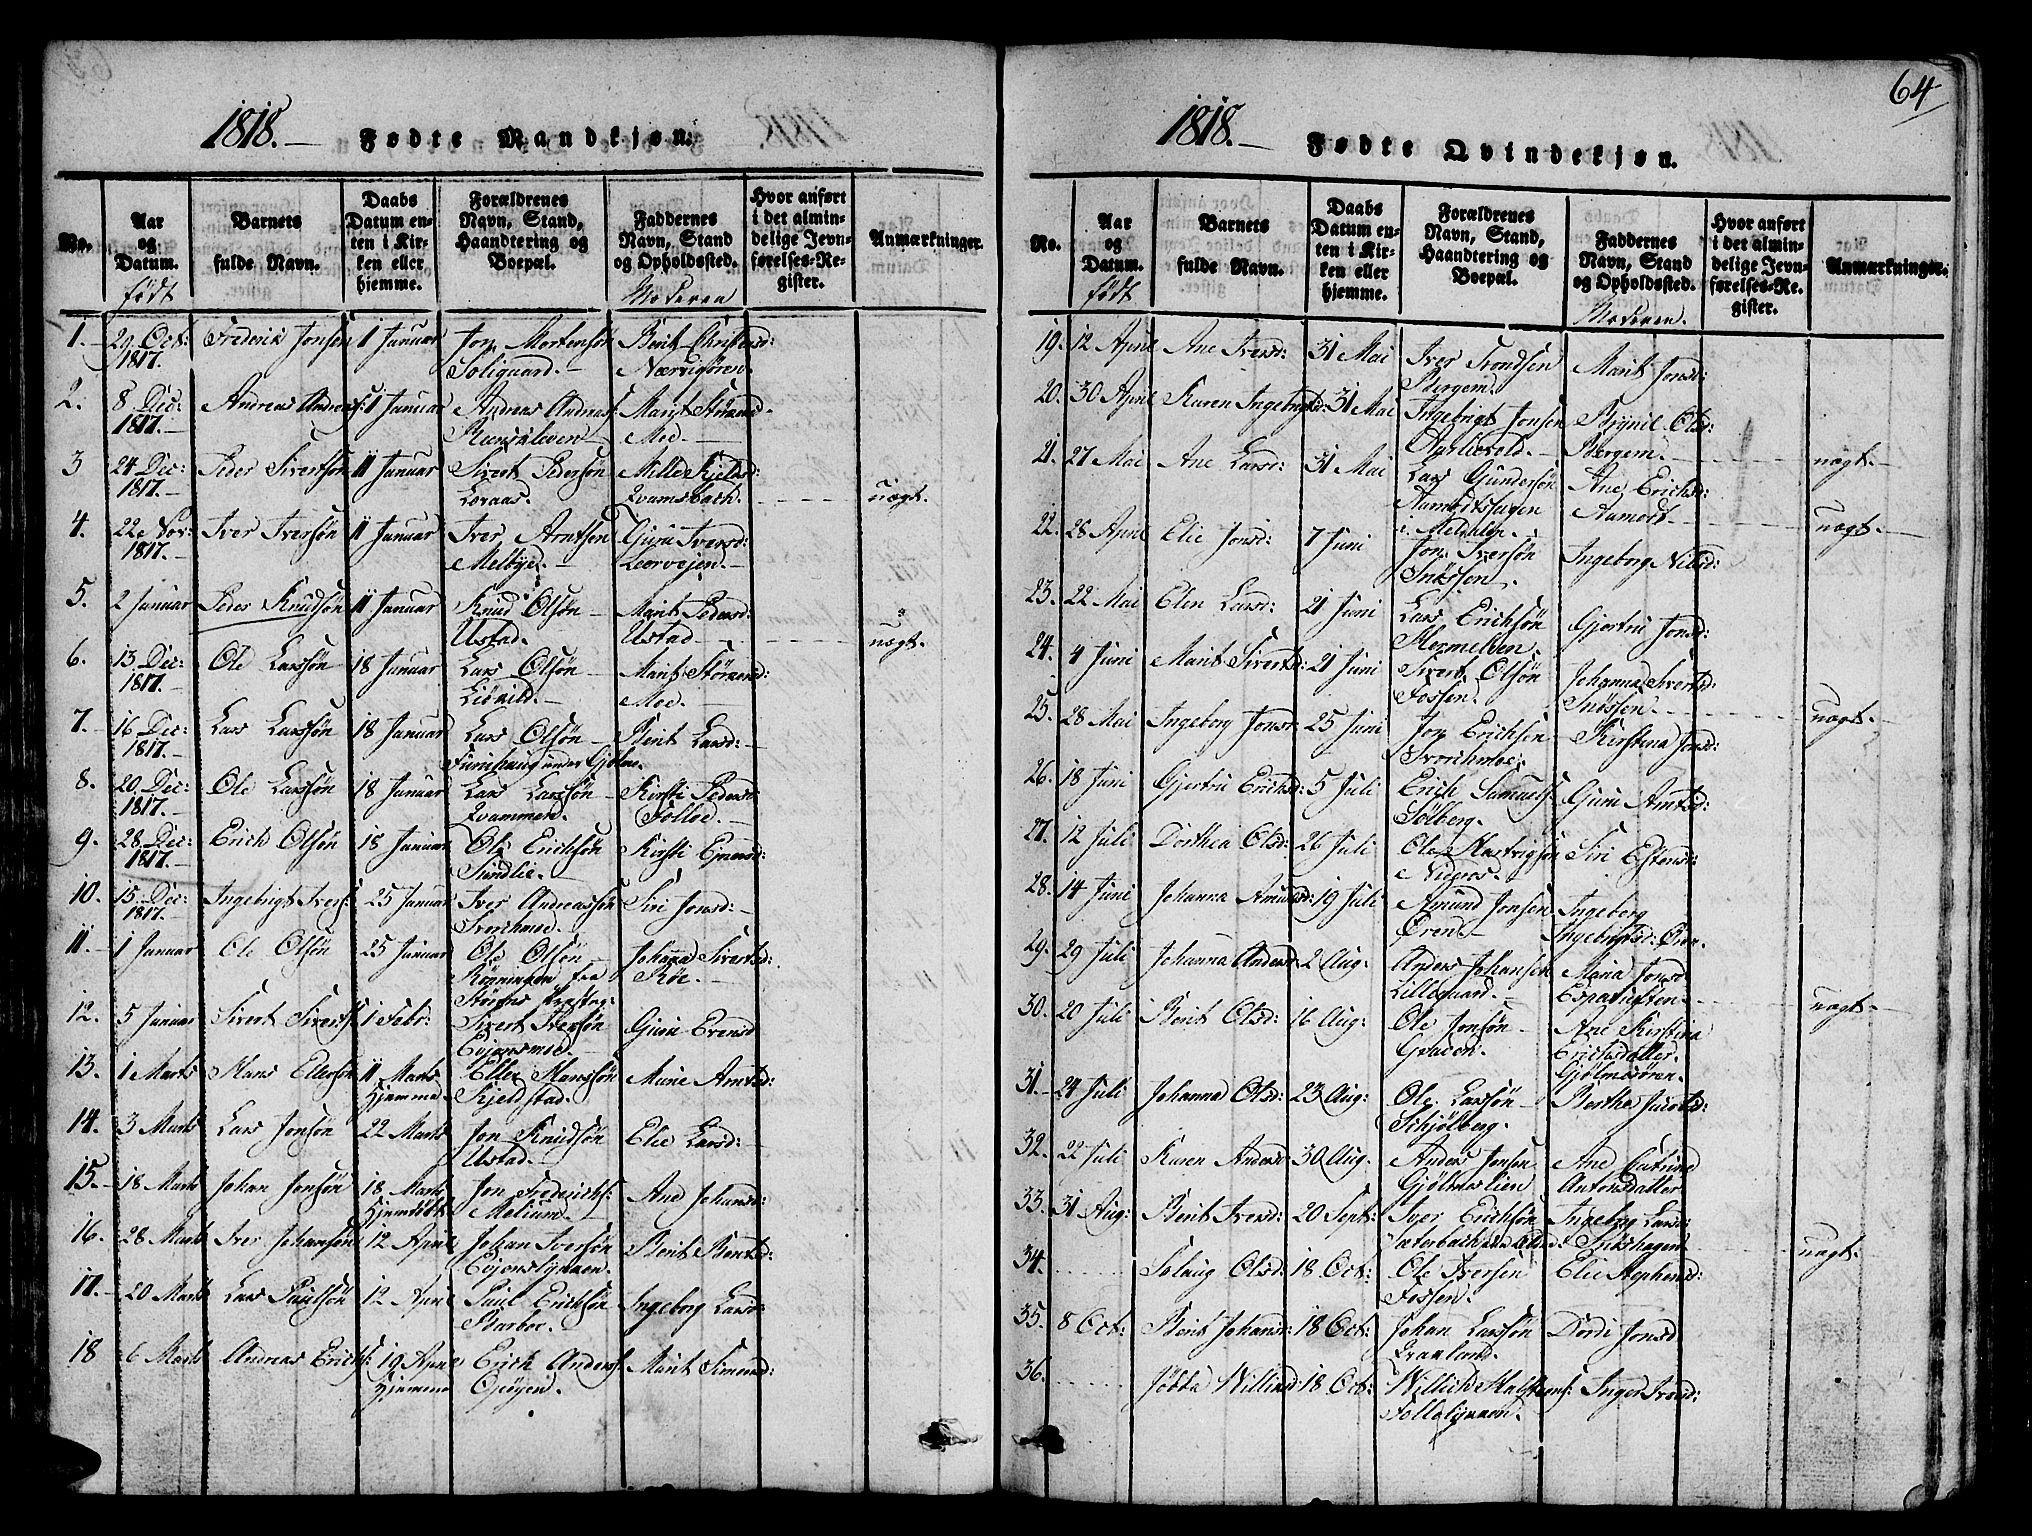 SAT, Ministerialprotokoller, klokkerbøker og fødselsregistre - Sør-Trøndelag, 668/L0803: Ministerialbok nr. 668A03, 1800-1826, s. 64